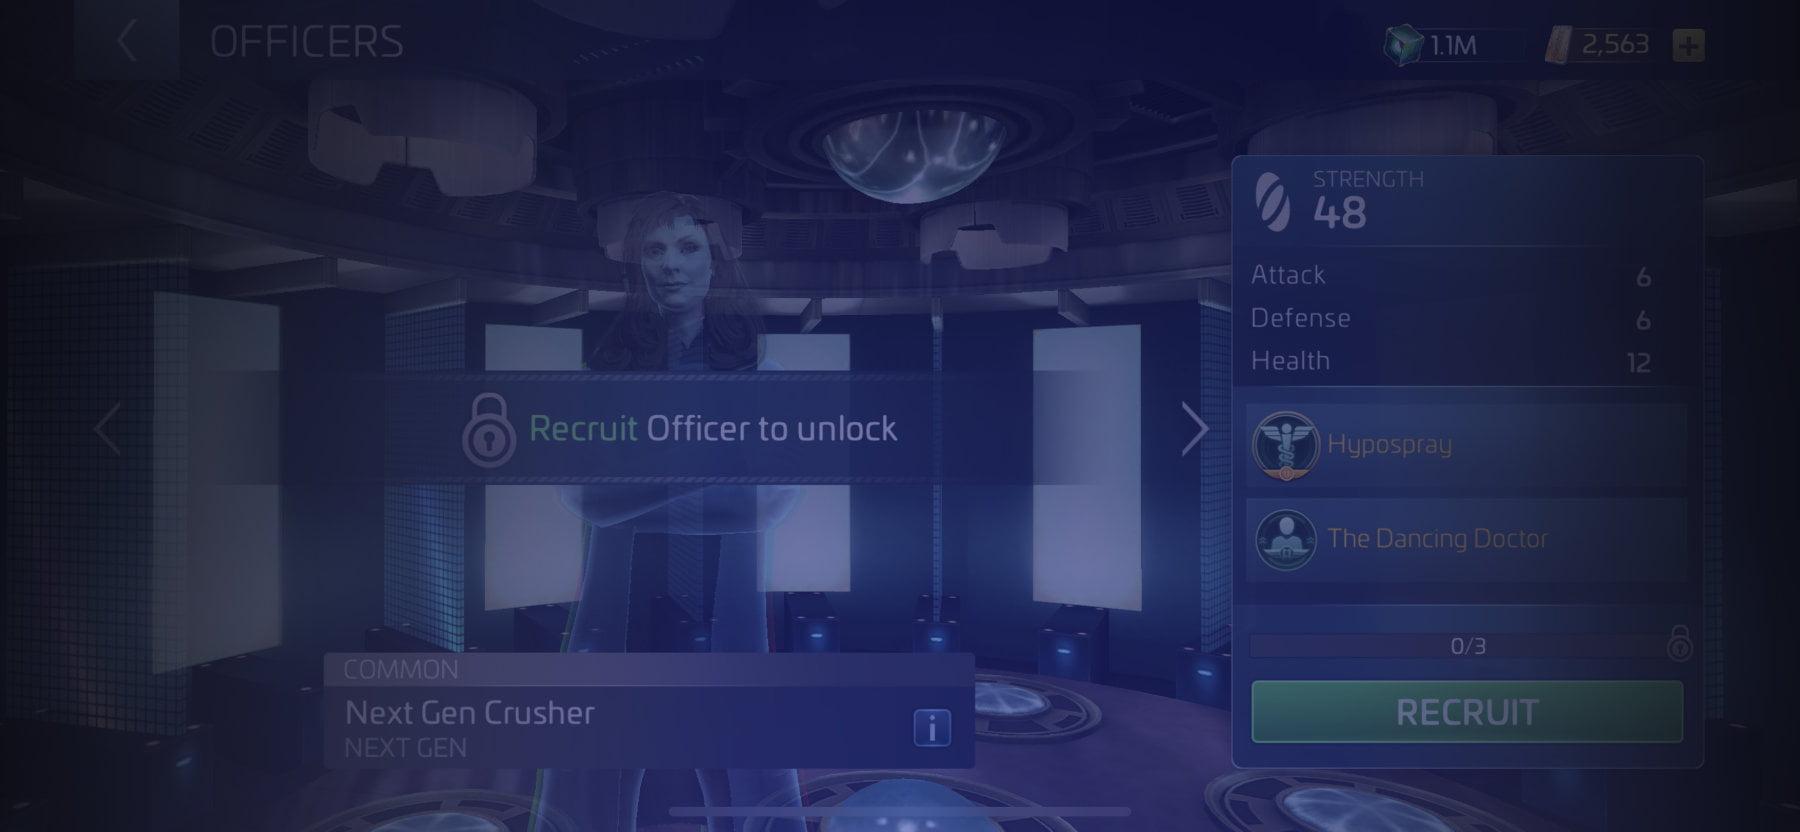 Officer Next Gen Crusher